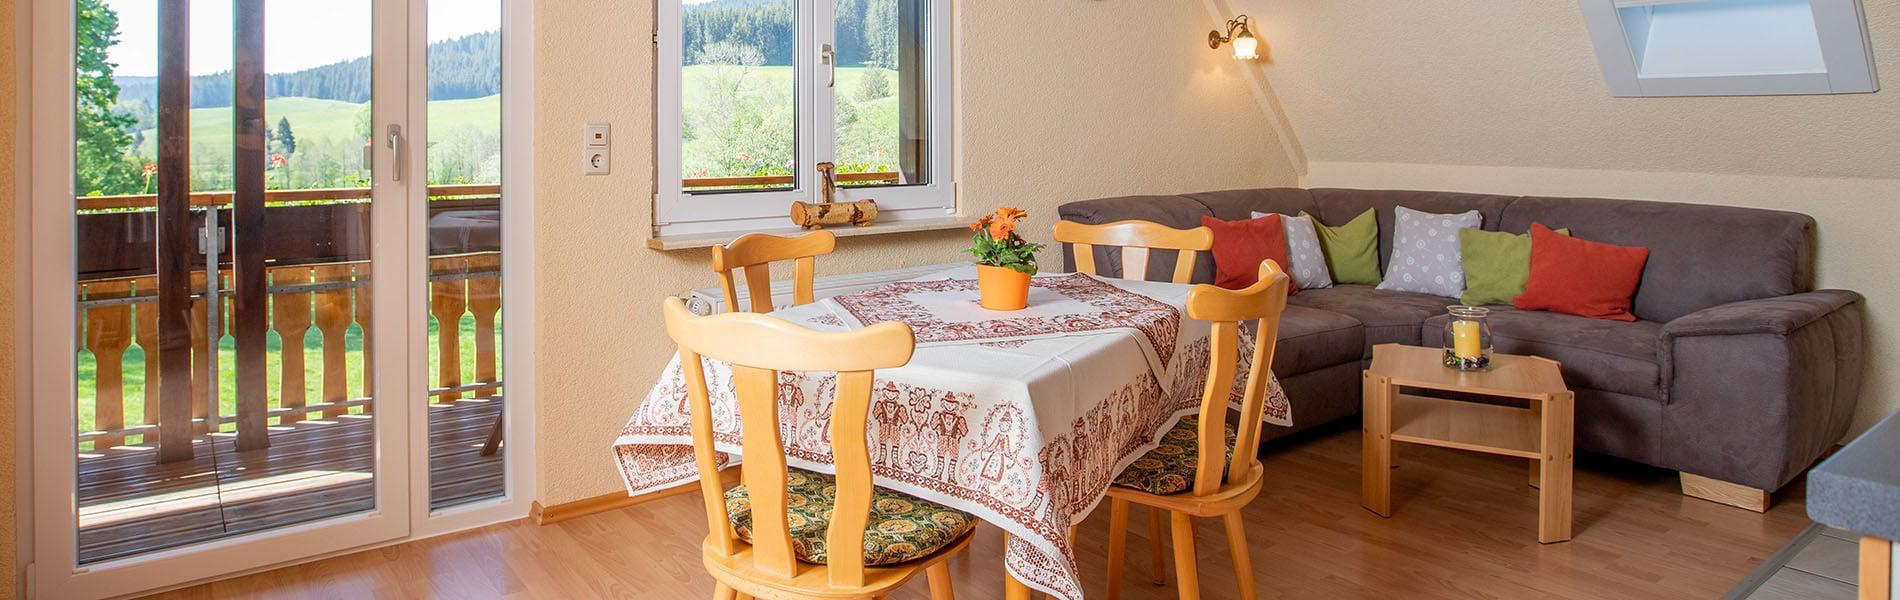 Ferienwohnung Kamille - Wohnküche Josenmuehle2020_Slider